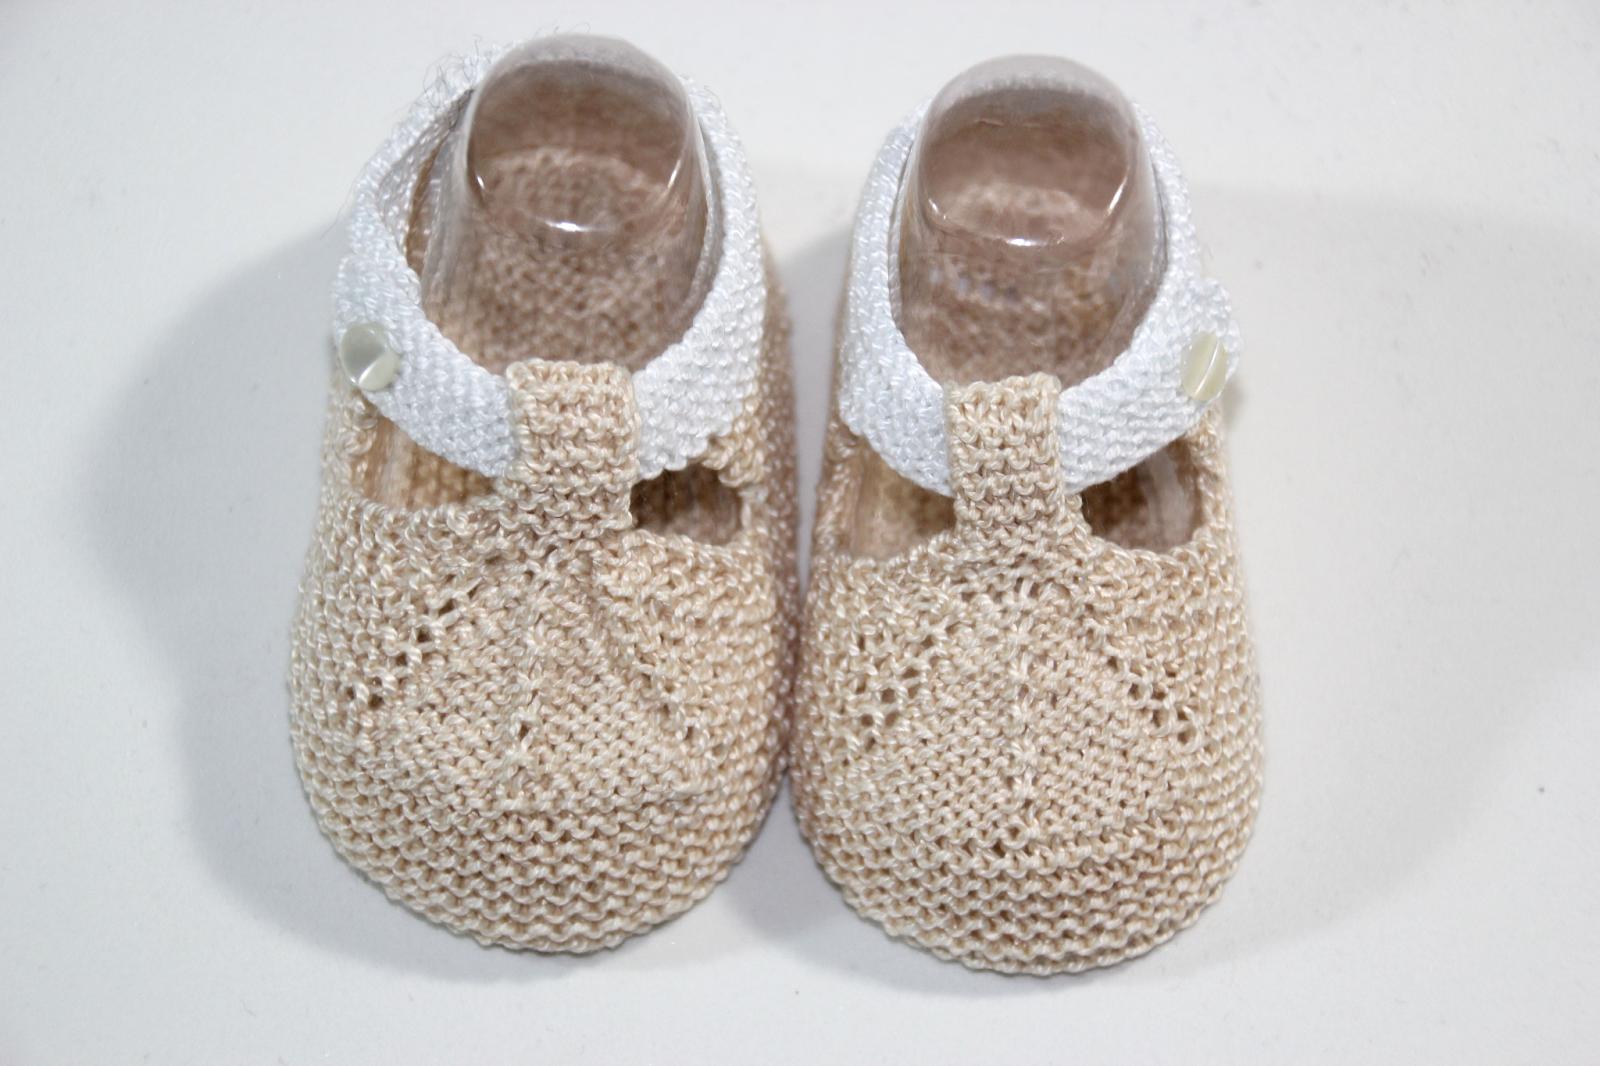 6 patrones gratis de patucos de bebe diy | Calzado y complementos ...